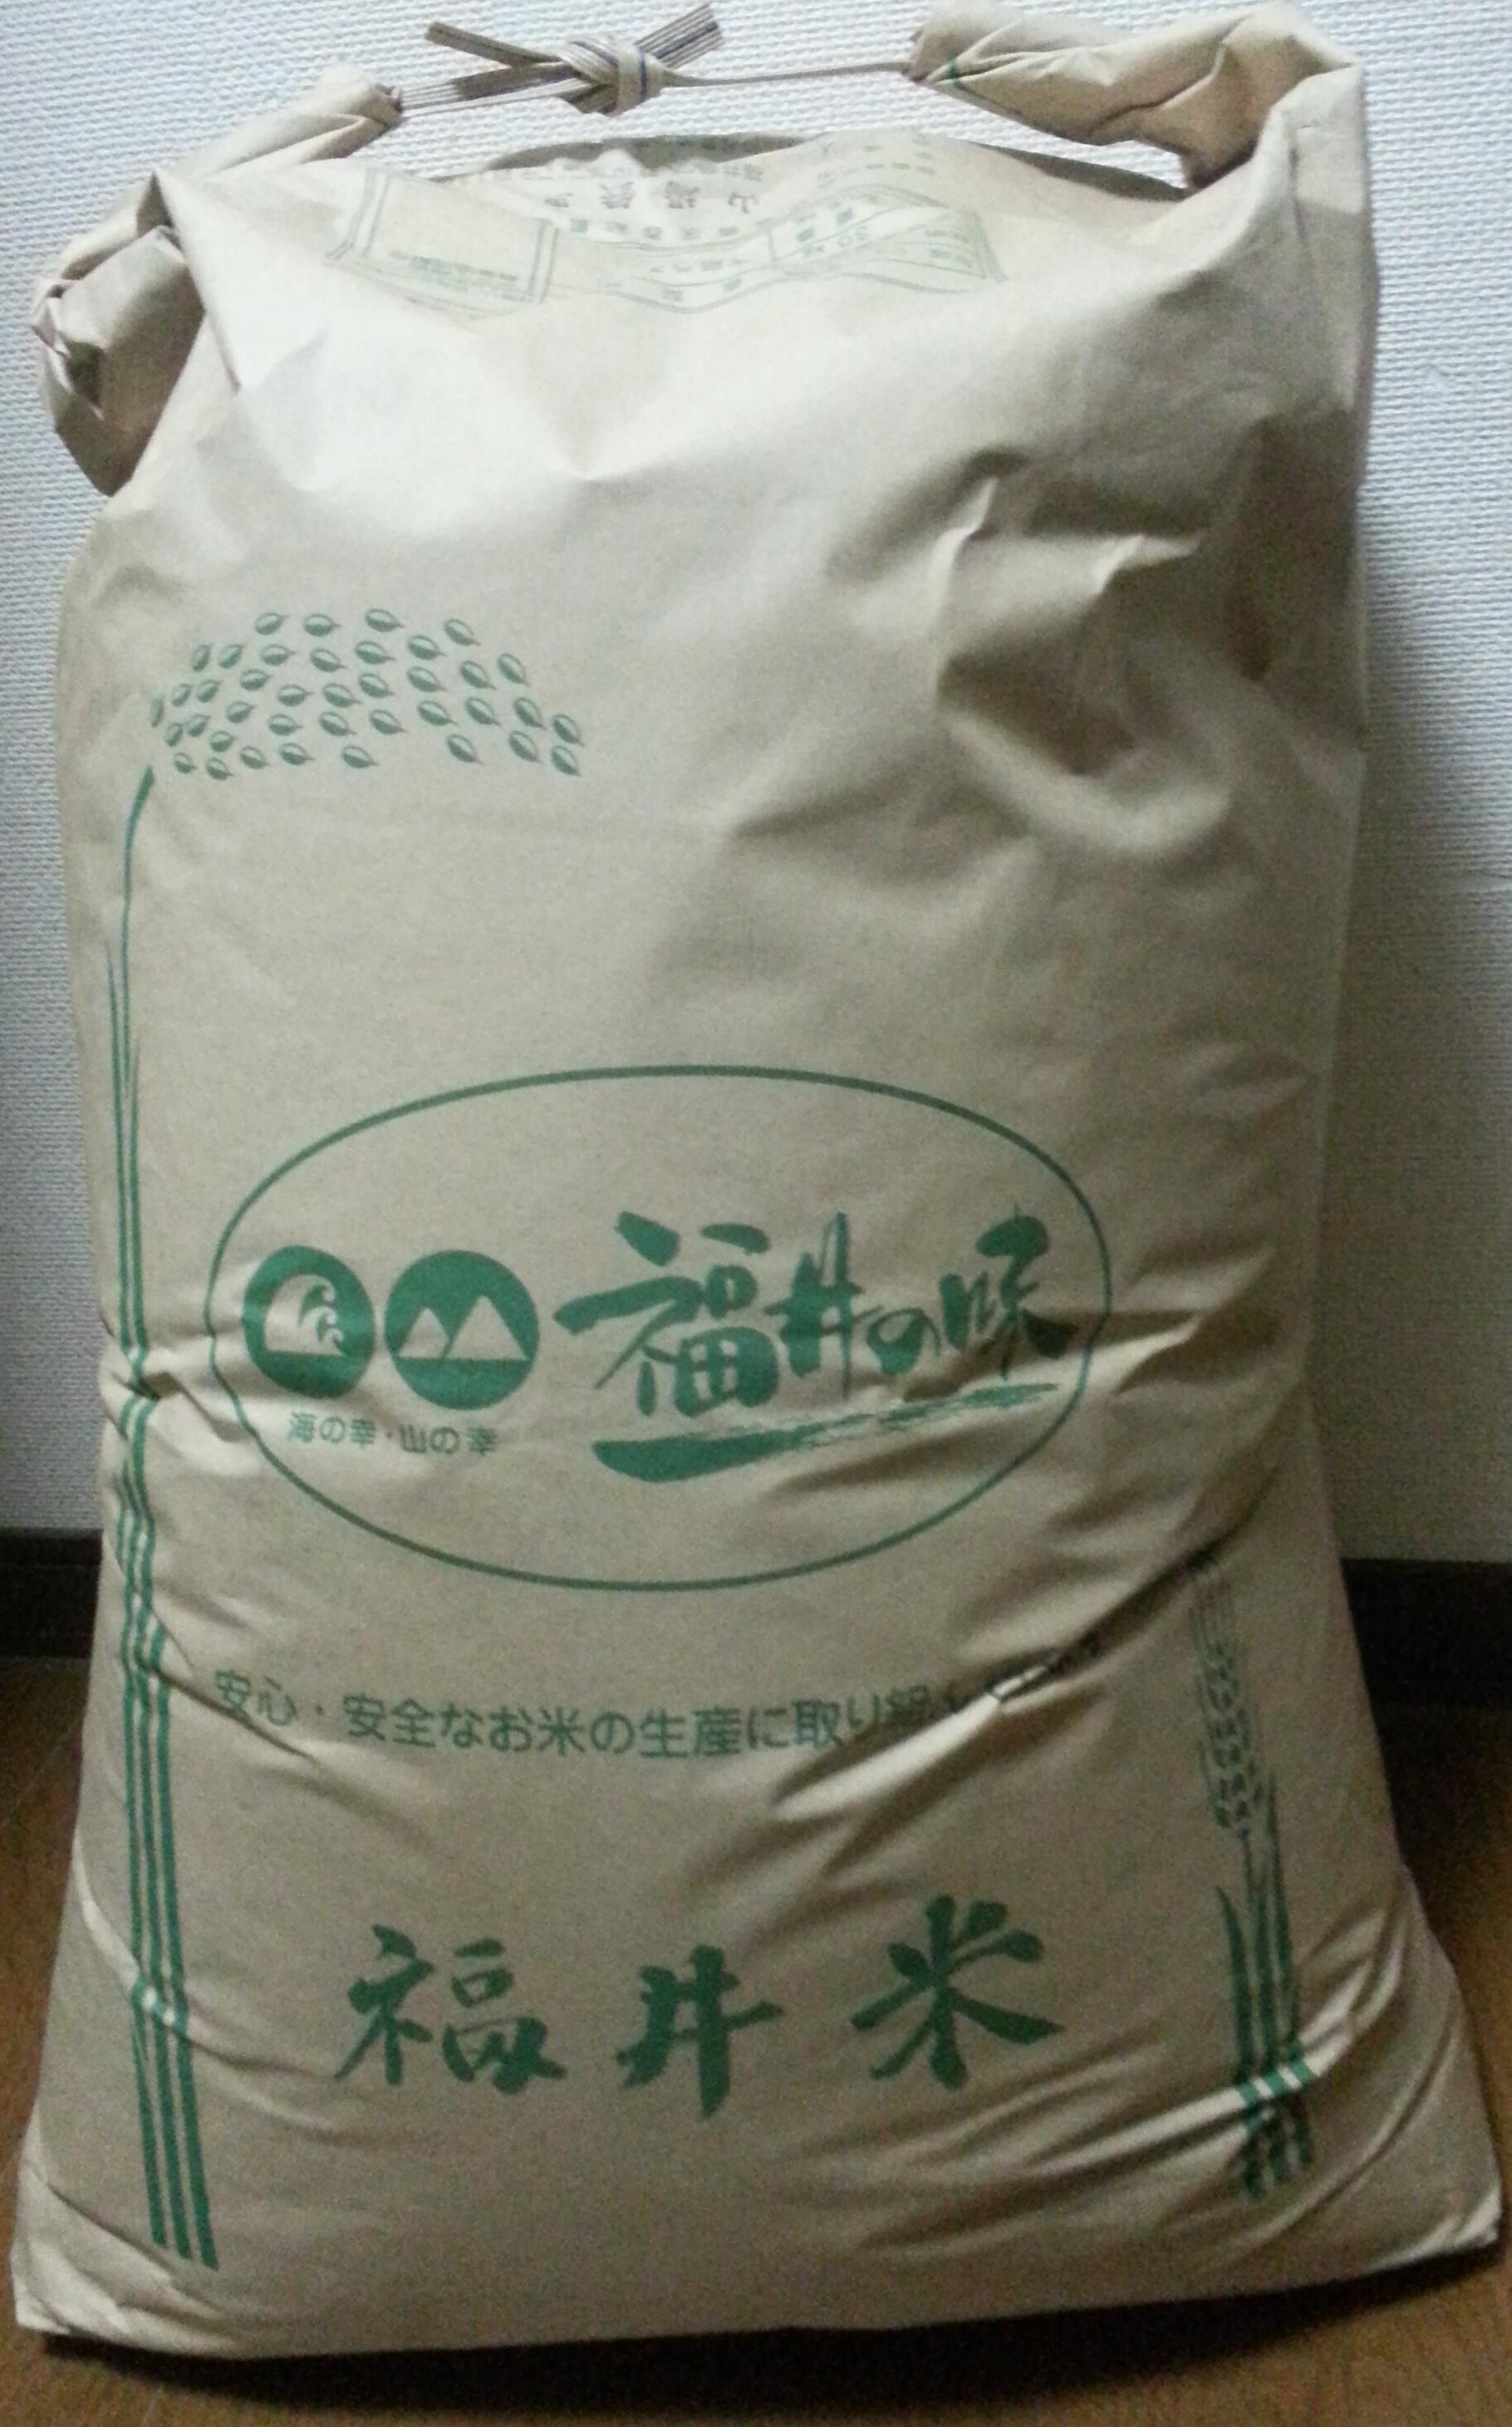 こしひかり精米後25kgで送付(29年度福井県勝山市産米)送料込